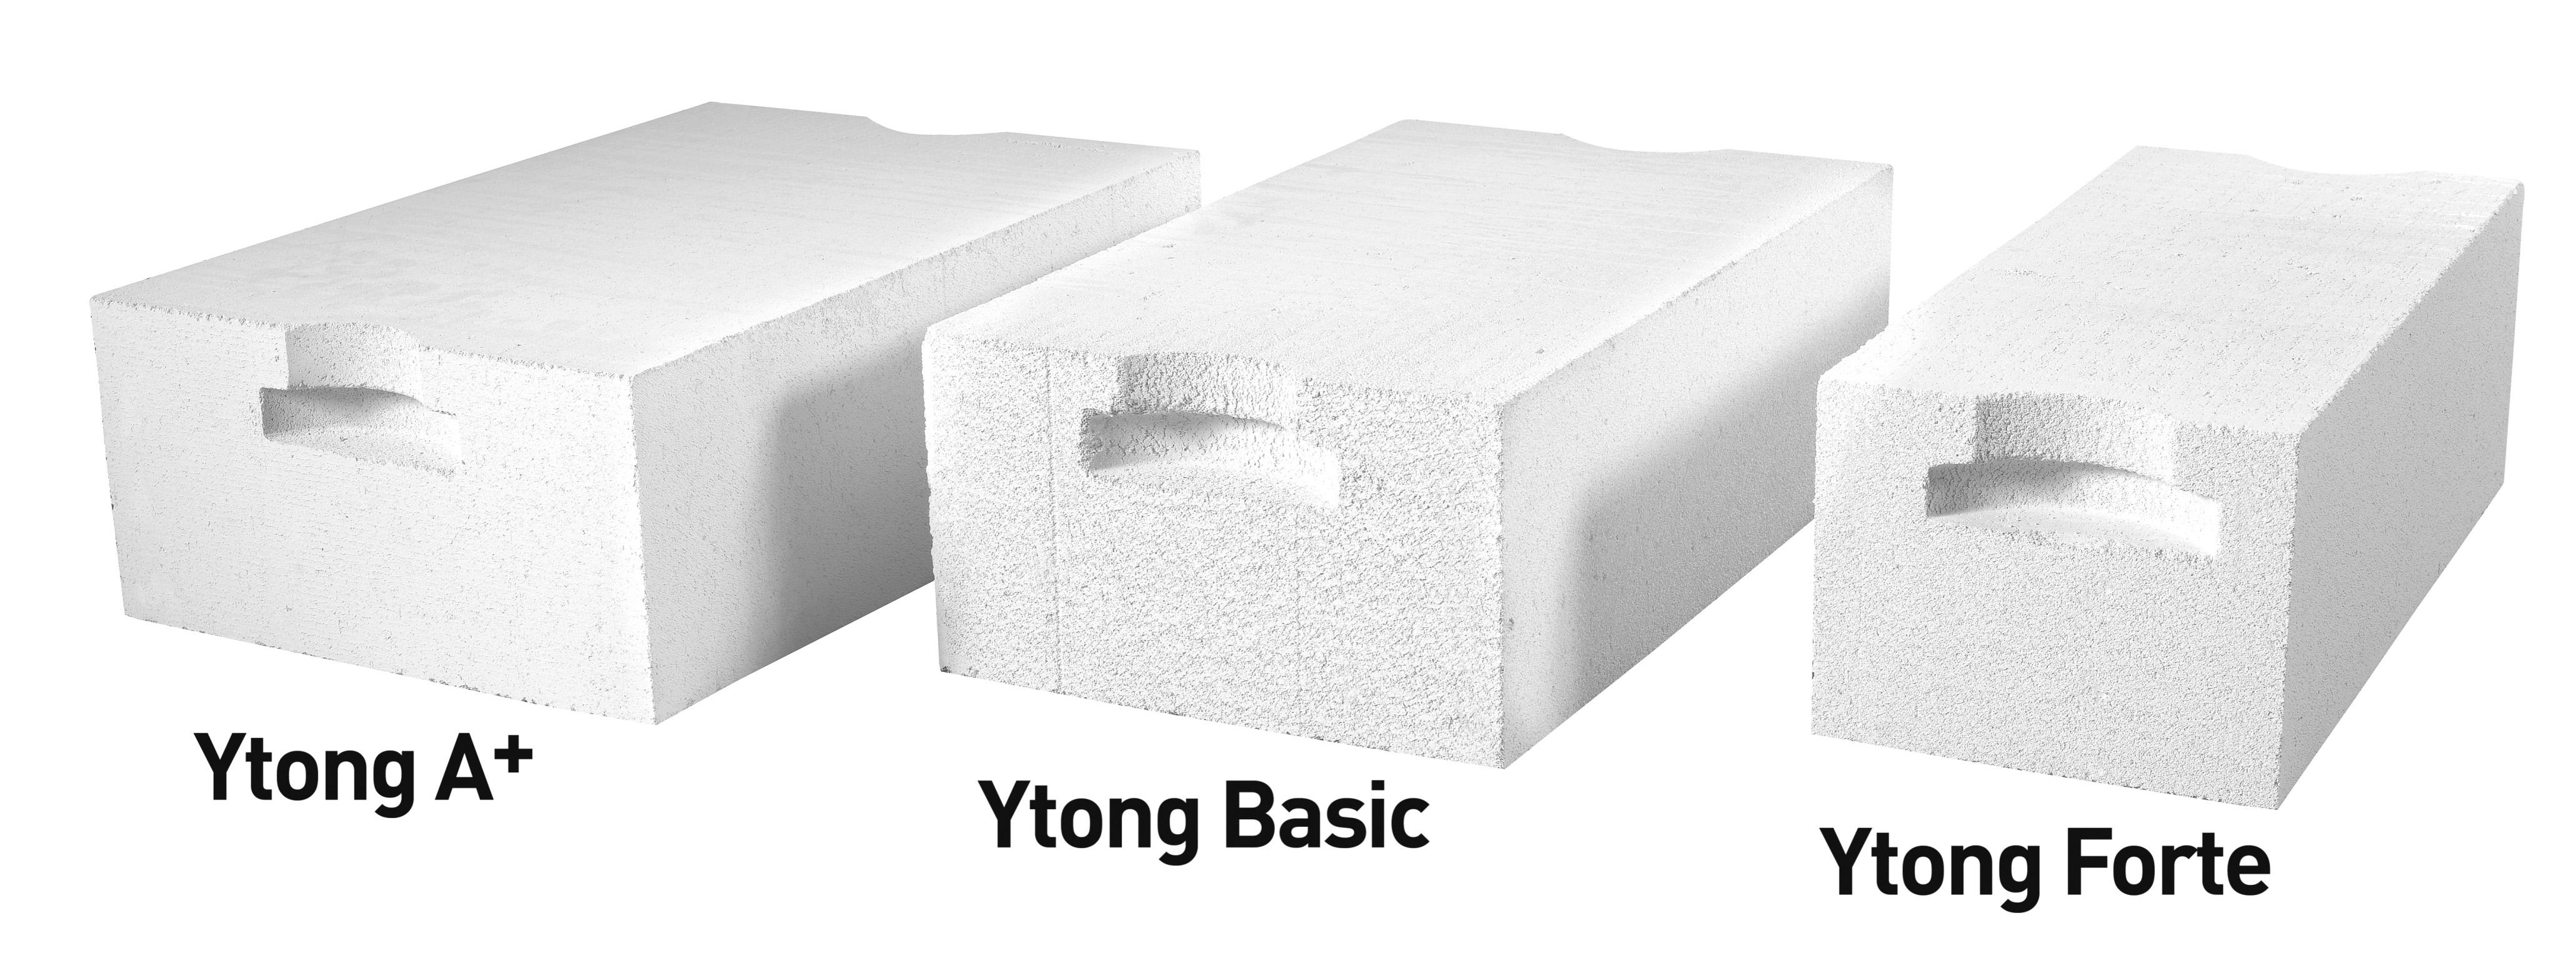 Blocuri BCA Ytong - Sisteme de zidarie Ytong